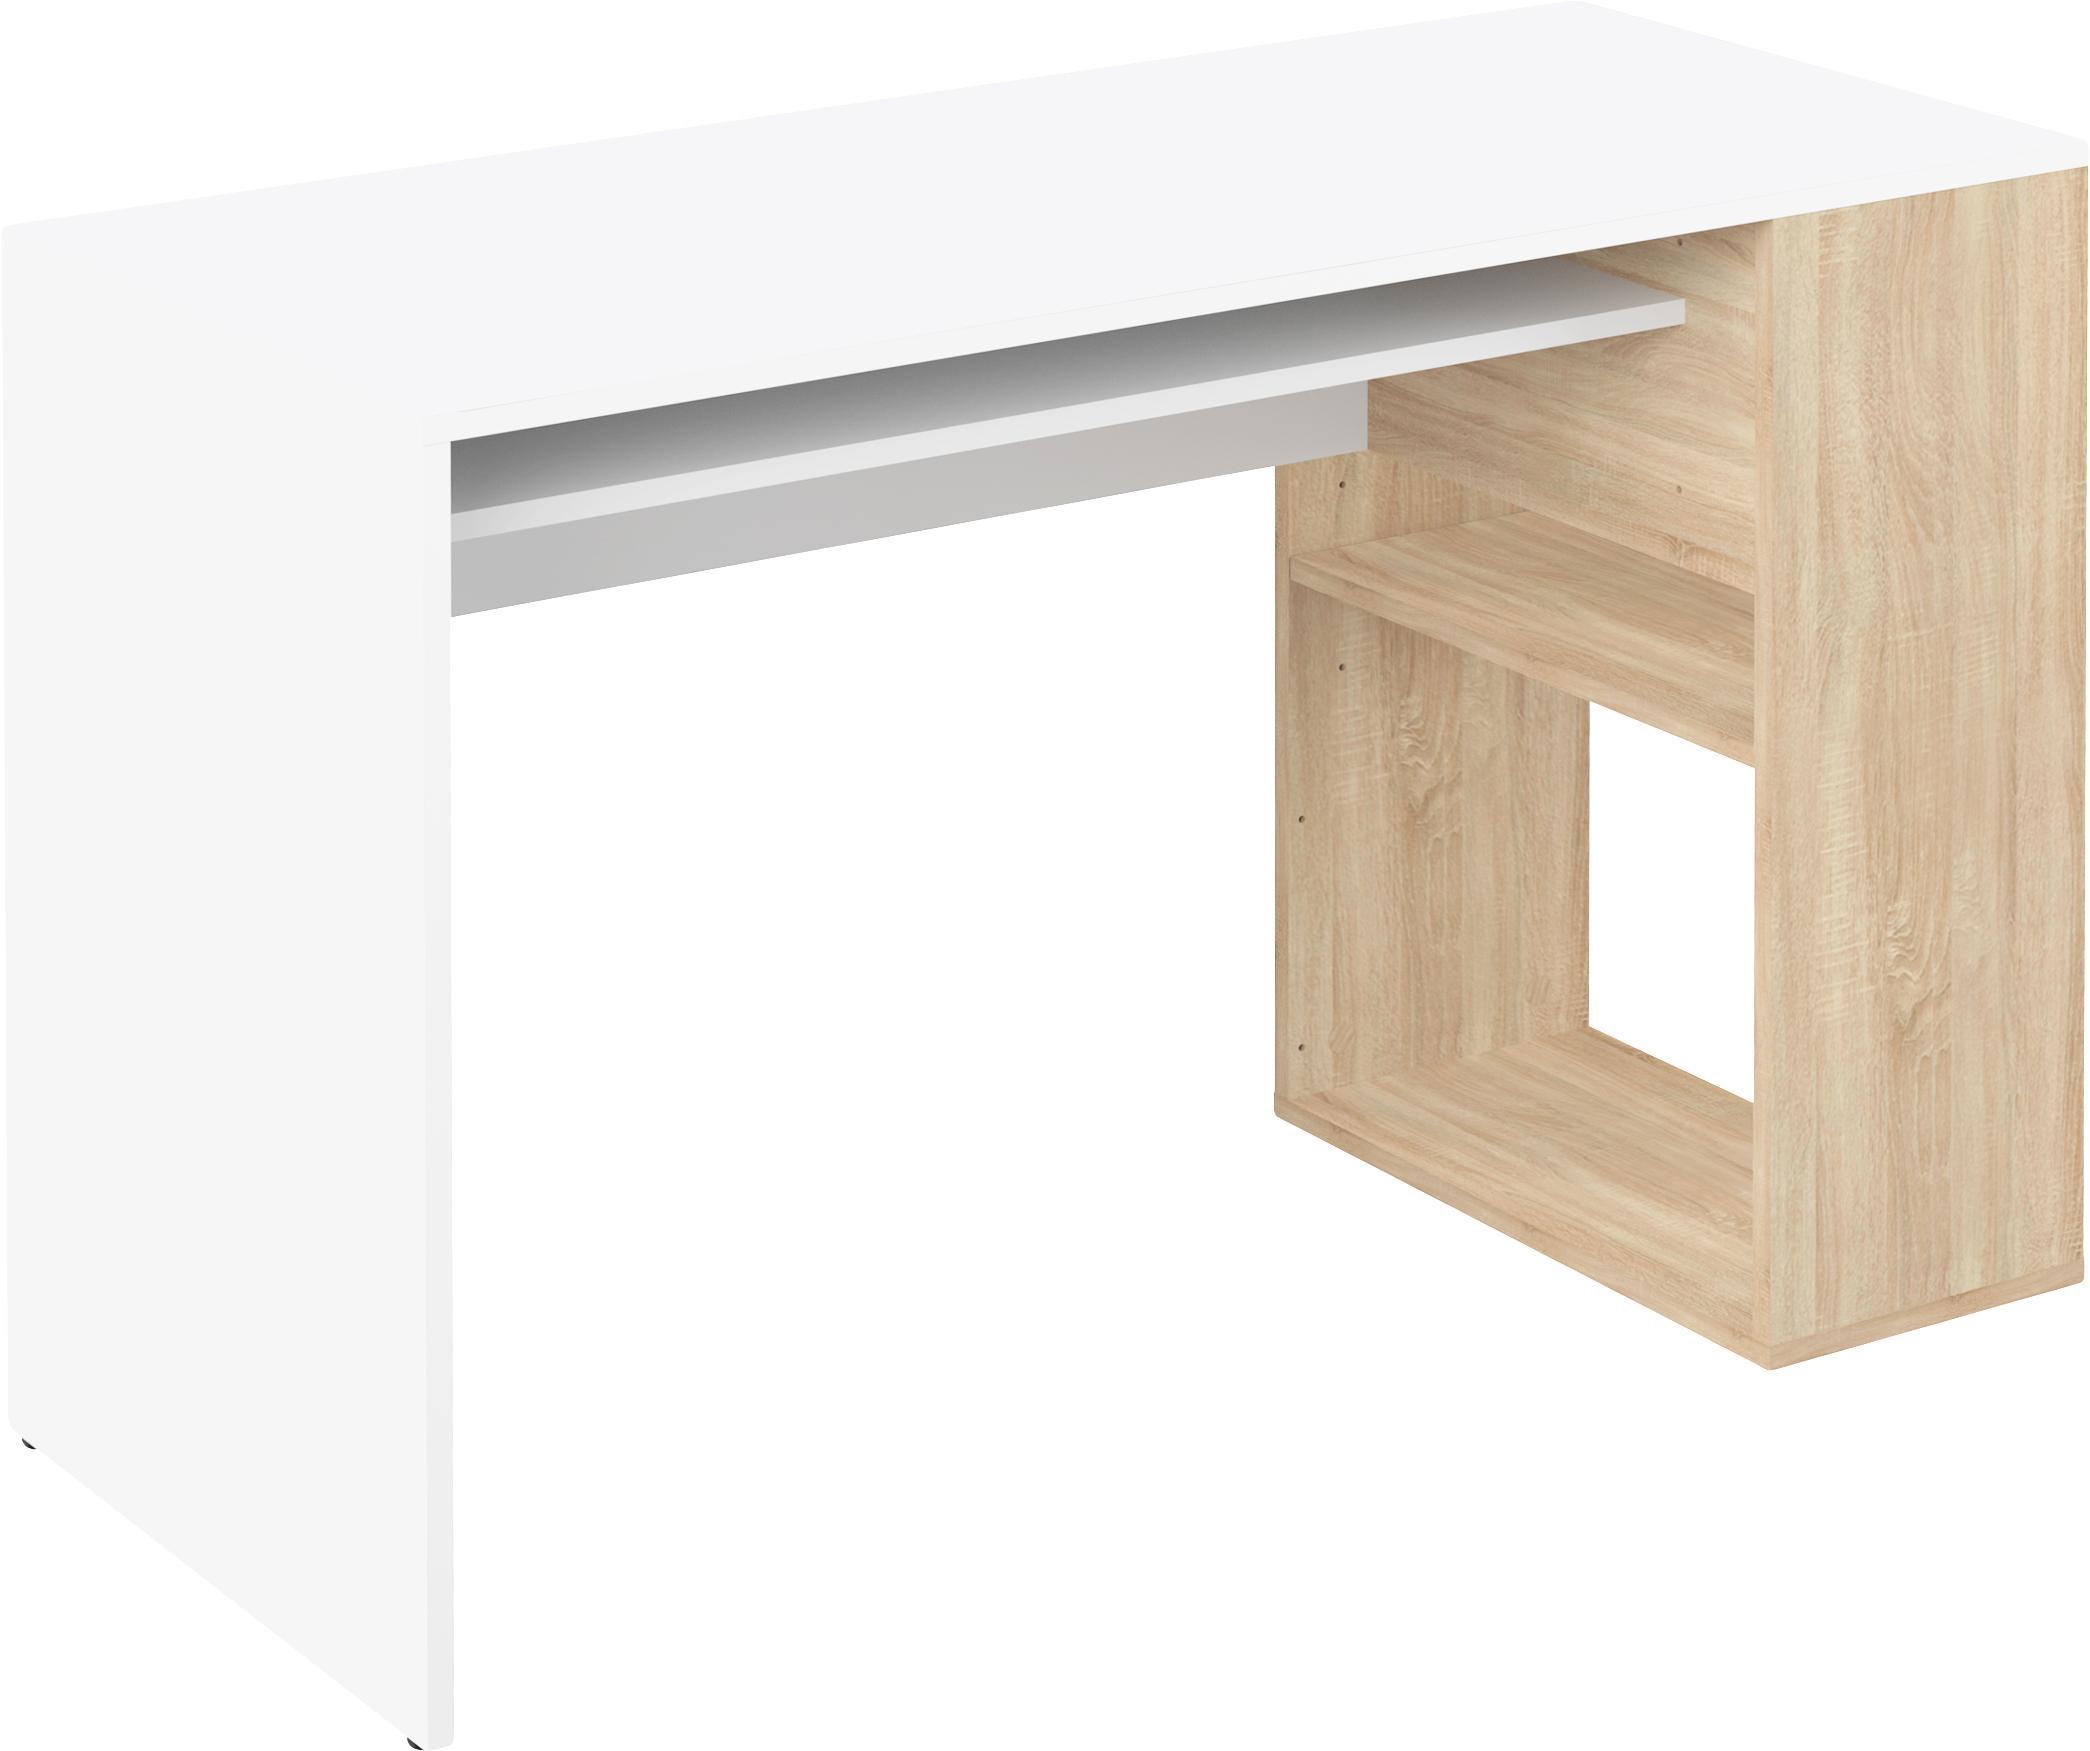 Schreibtisch Yale mit Stauraum, Spanplatte, melaminbeschichtet, Weiss, Eichenholz, B 114 x T 50 cm